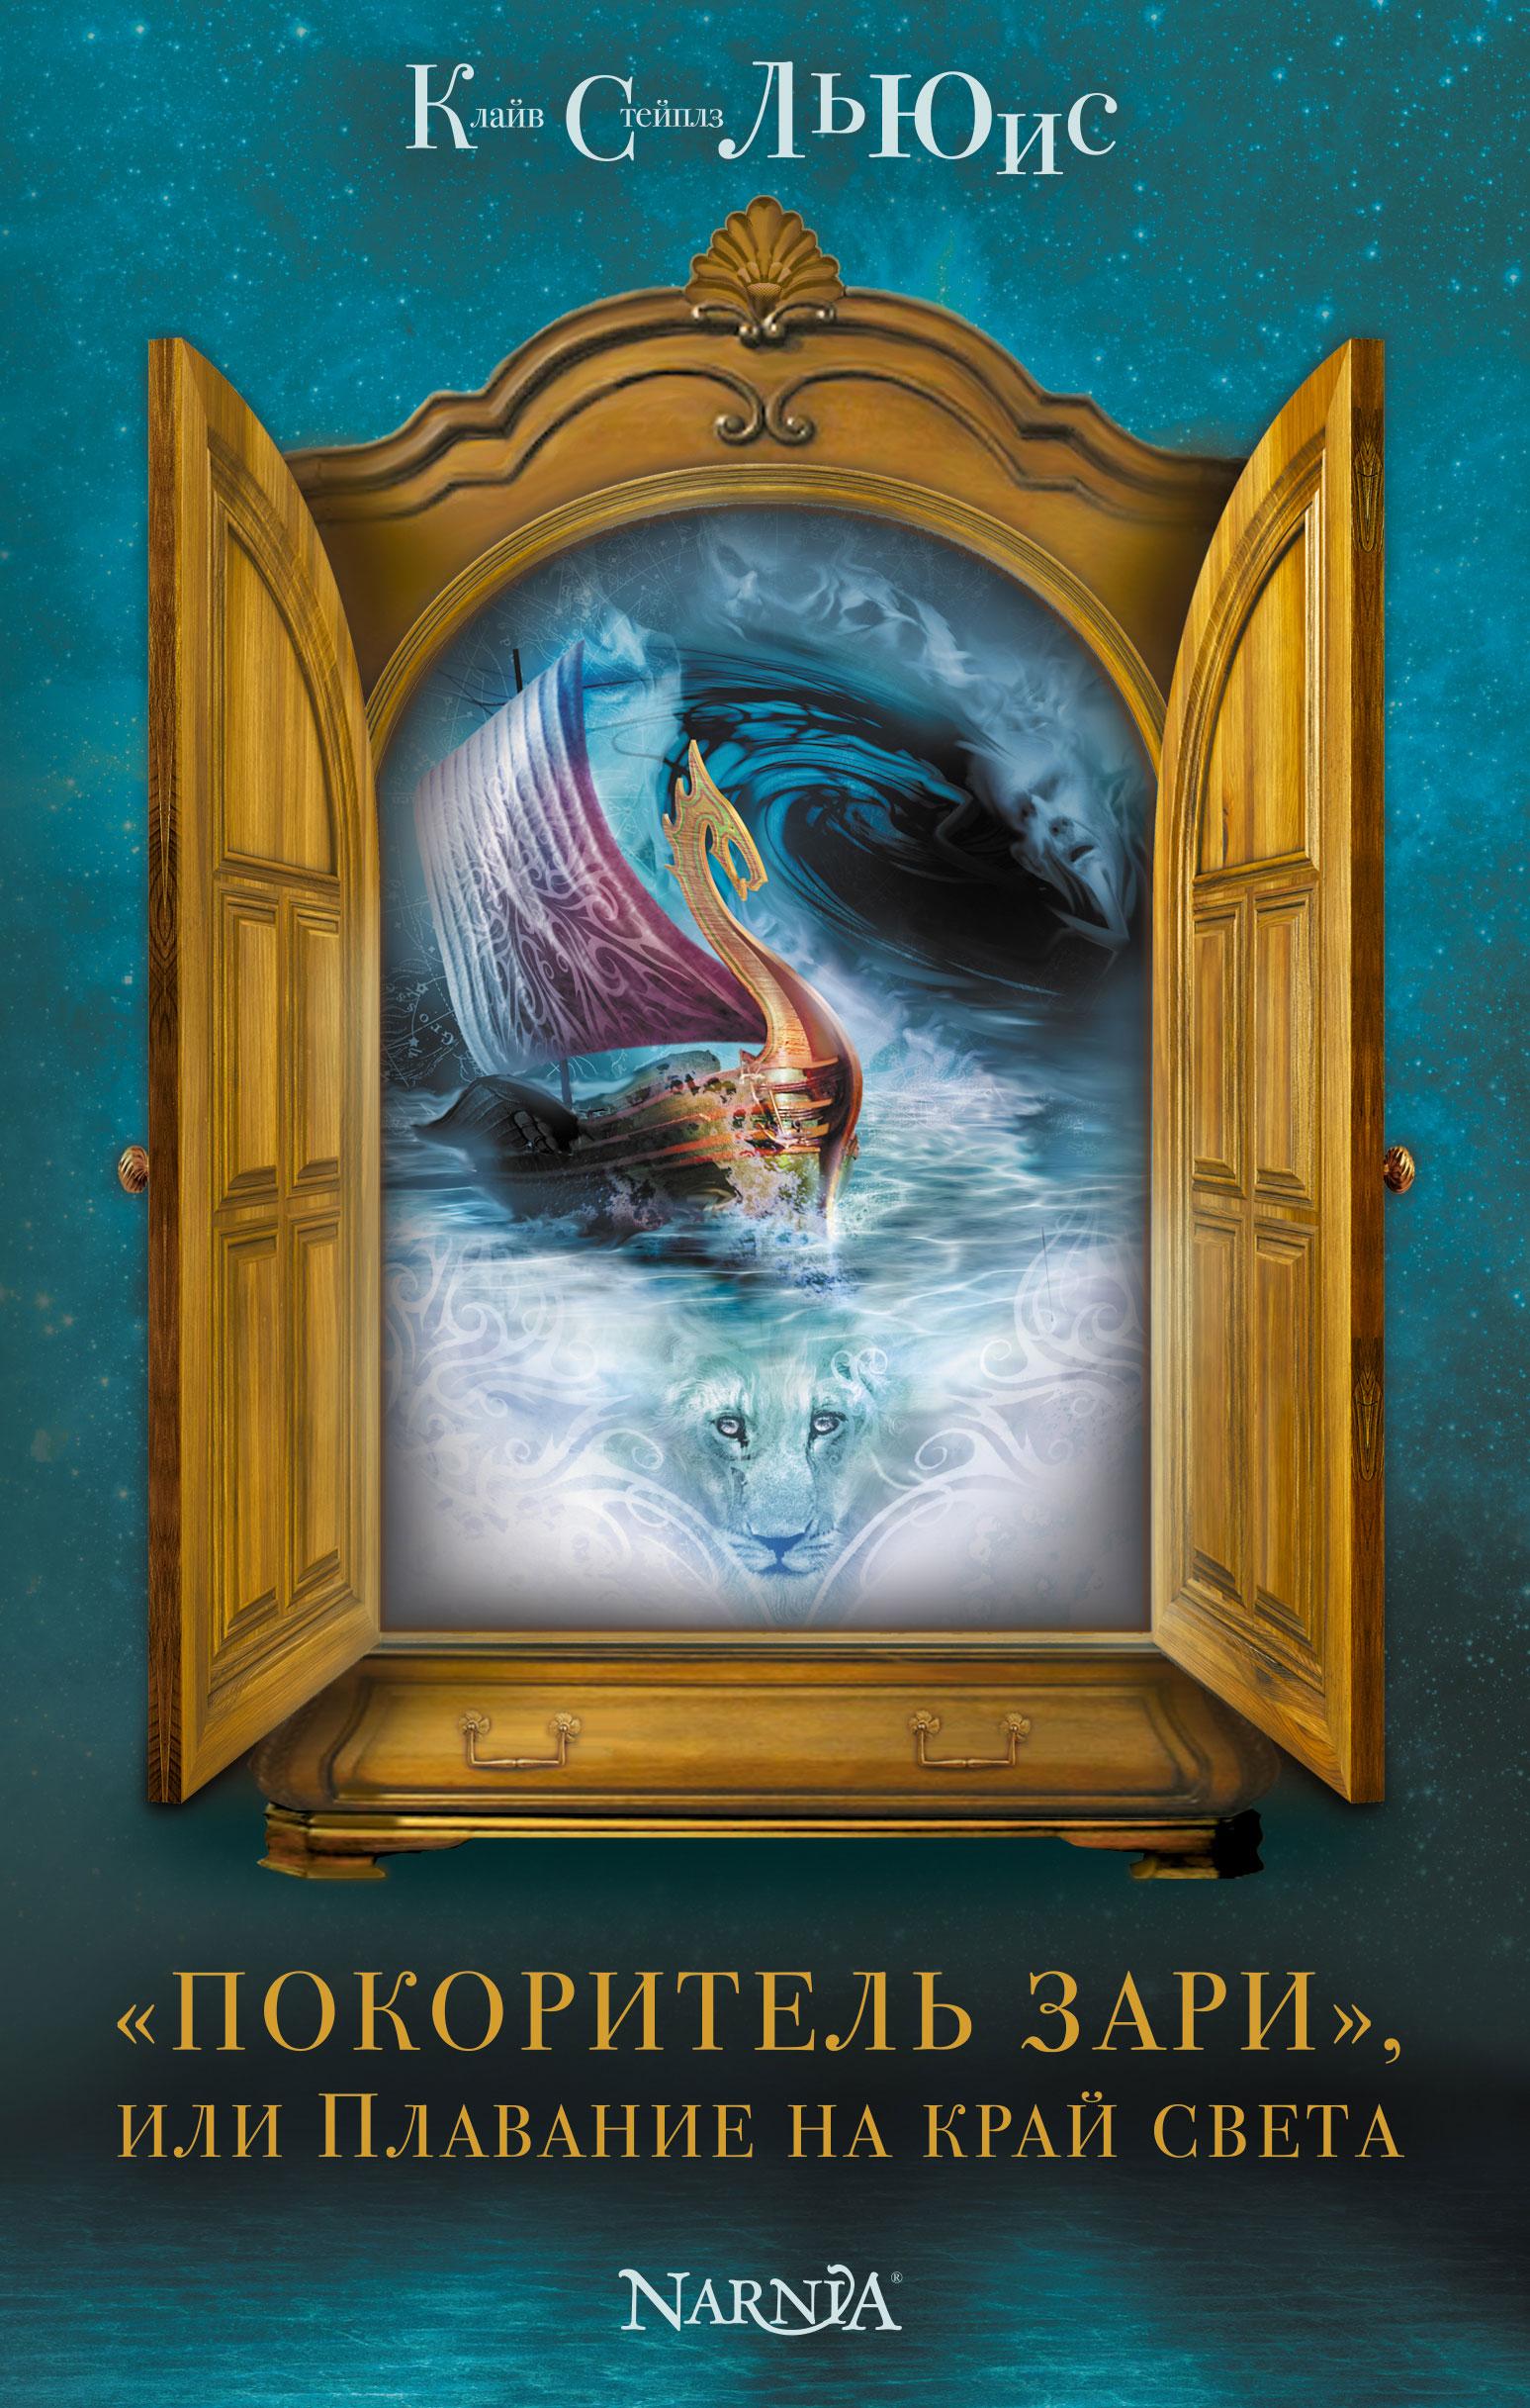 Клайв Стейплз Льюис Покоритель зари, или Плавание на край света льюис клайв стейплз хроники нарнии